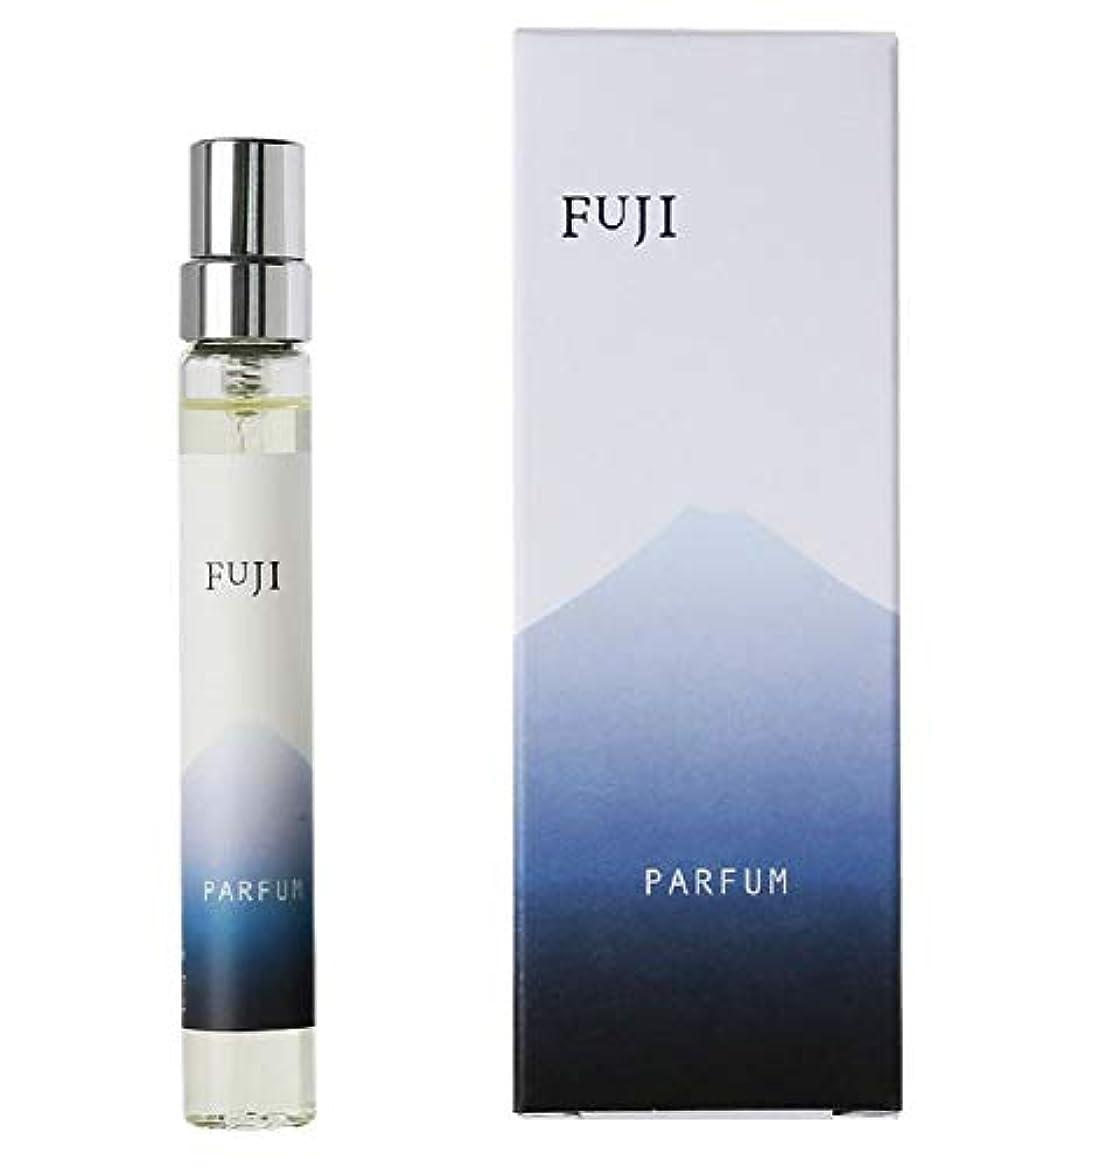 夕食を作る硫黄努力パルファム フジ parfum fuji 最高級 パルファン 1ダースセット(12本) 限定割引 & 送料無料 富士山 香水 海外みやげ